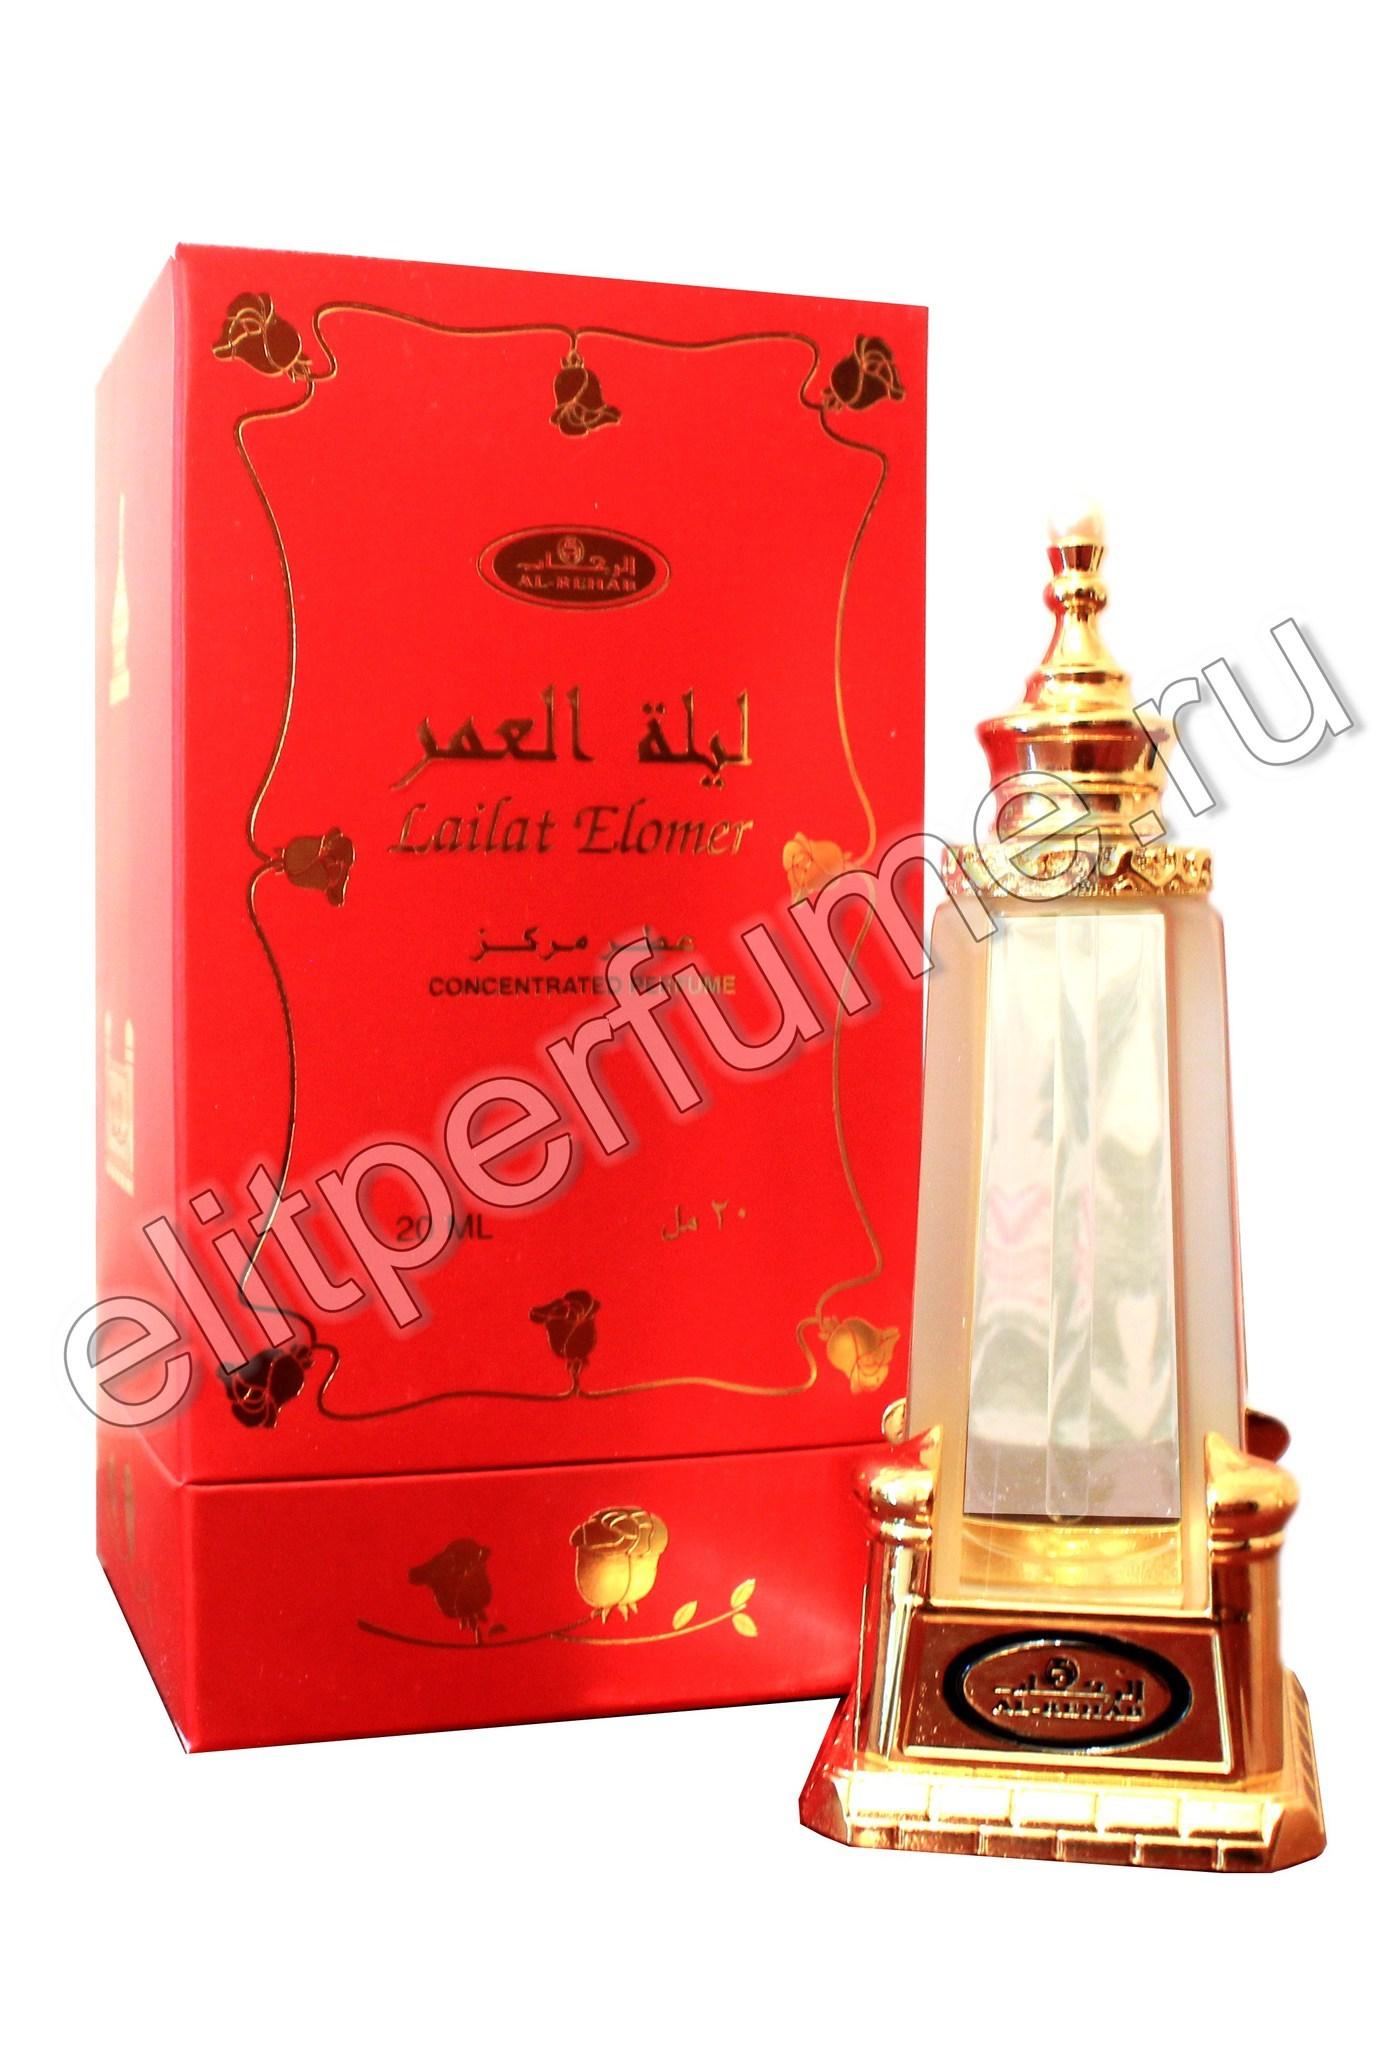 Пробник для Lailat Elomer 1 мл арабские масляные духи от Аль Рехаб Al Rehab